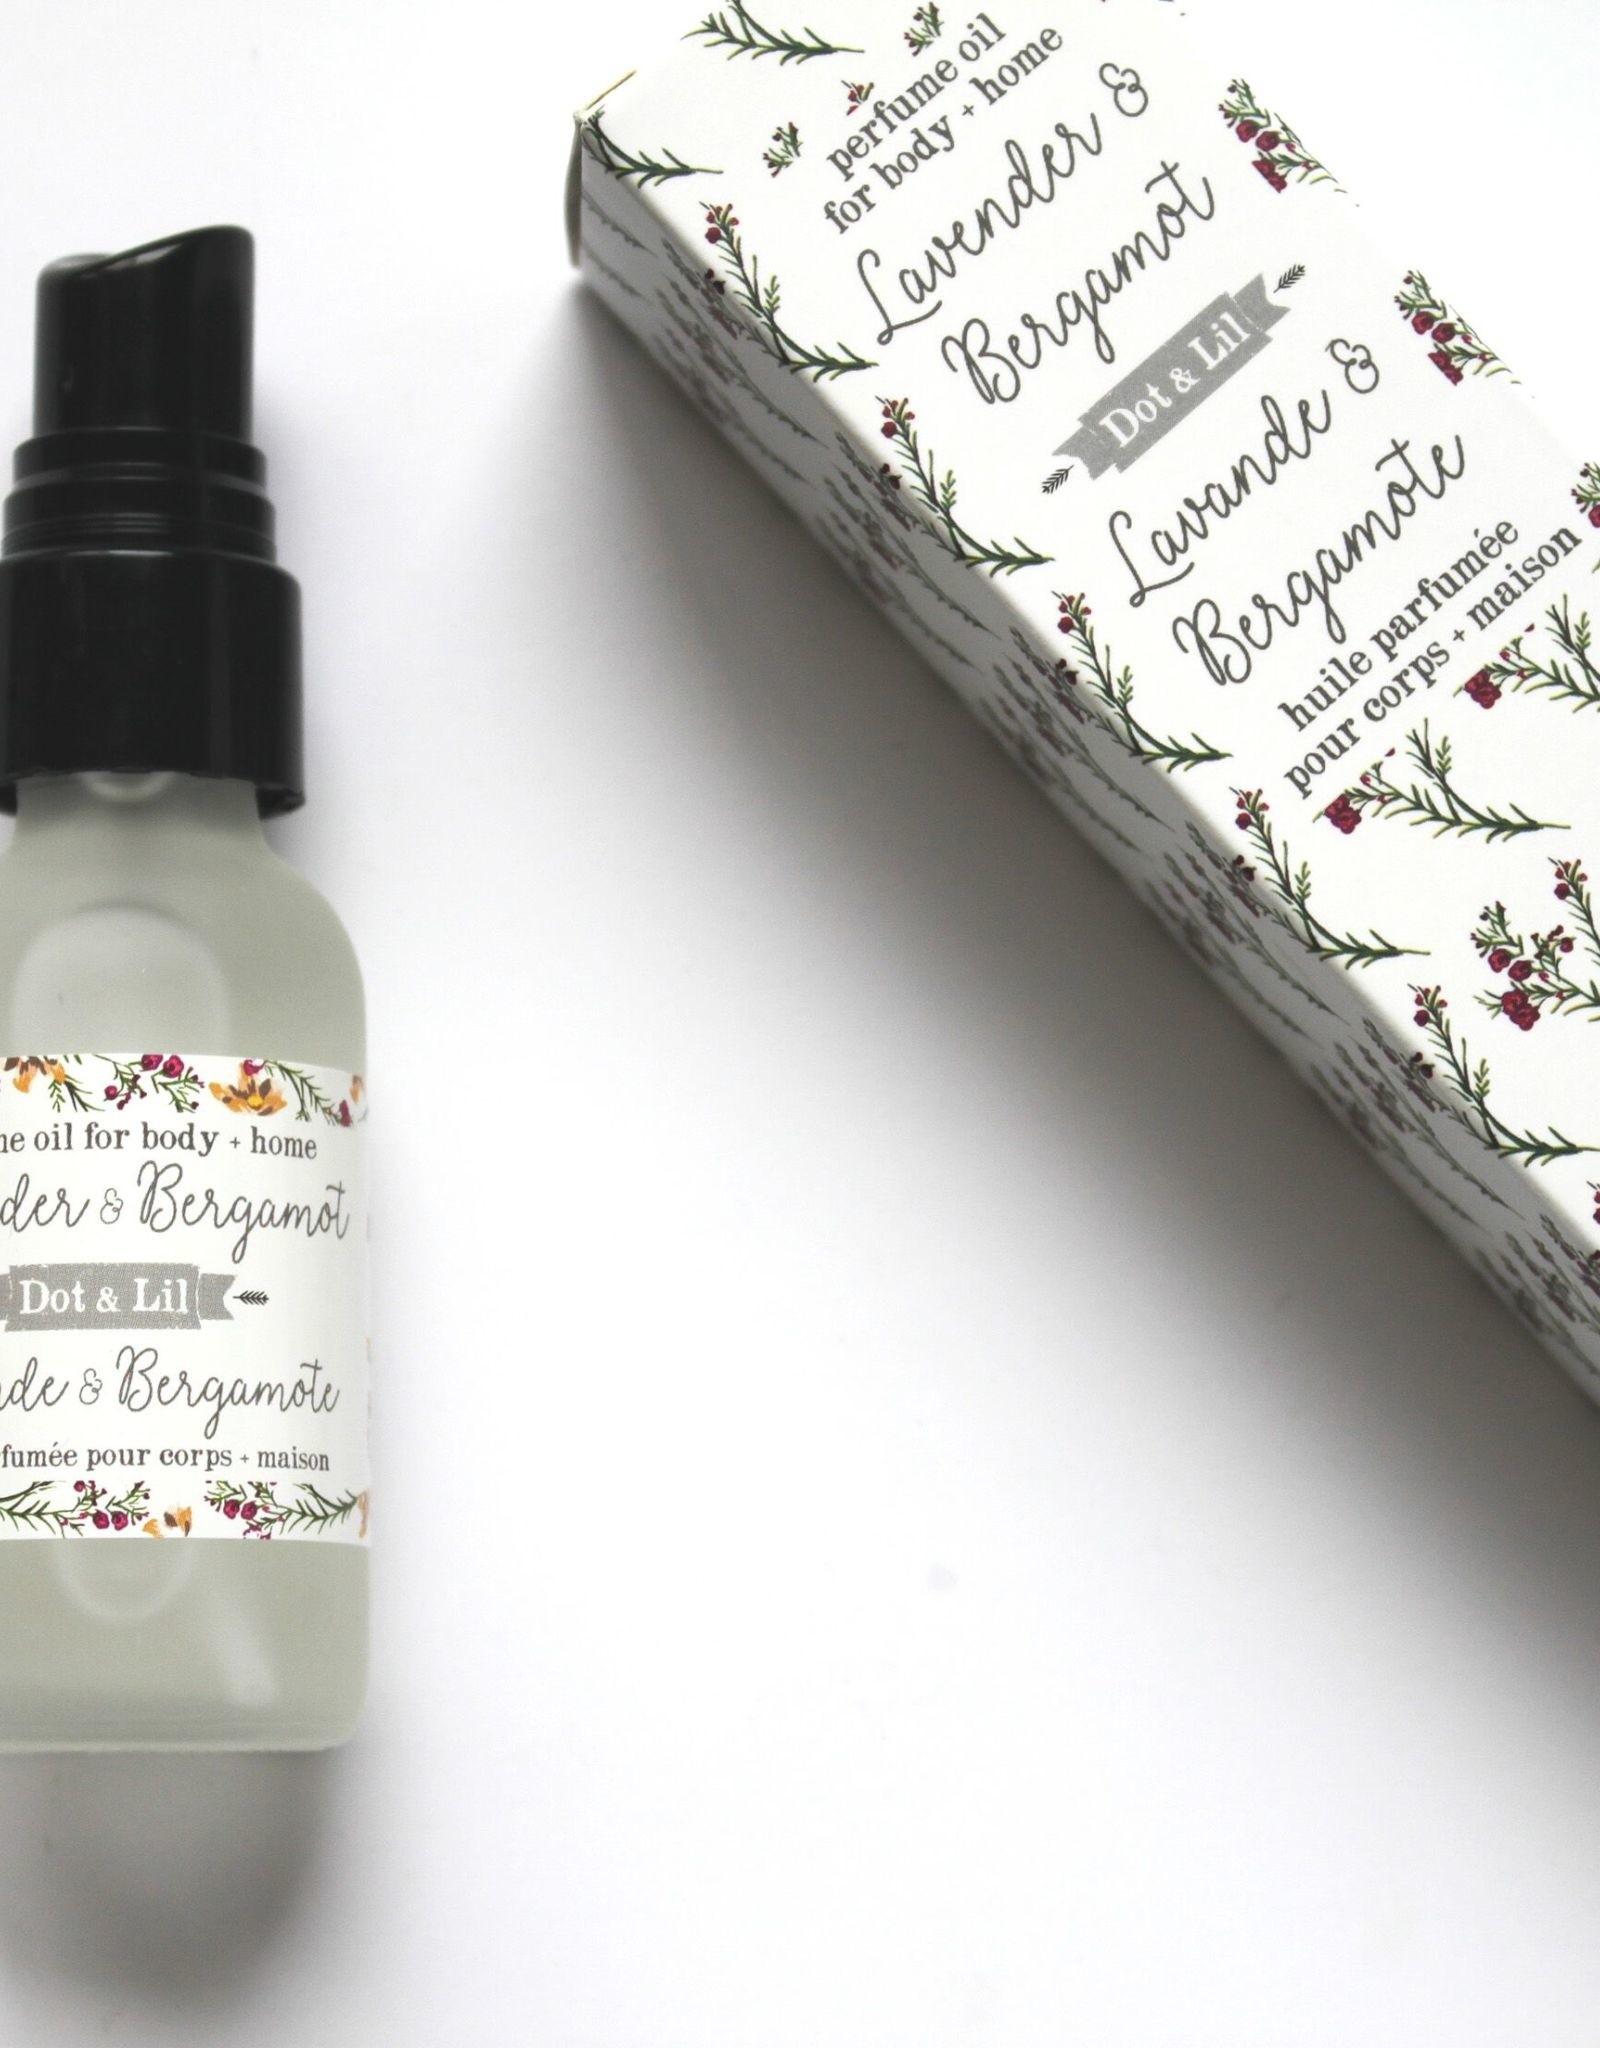 Dot & Lil Huile parfumée - Lavande et bergamote